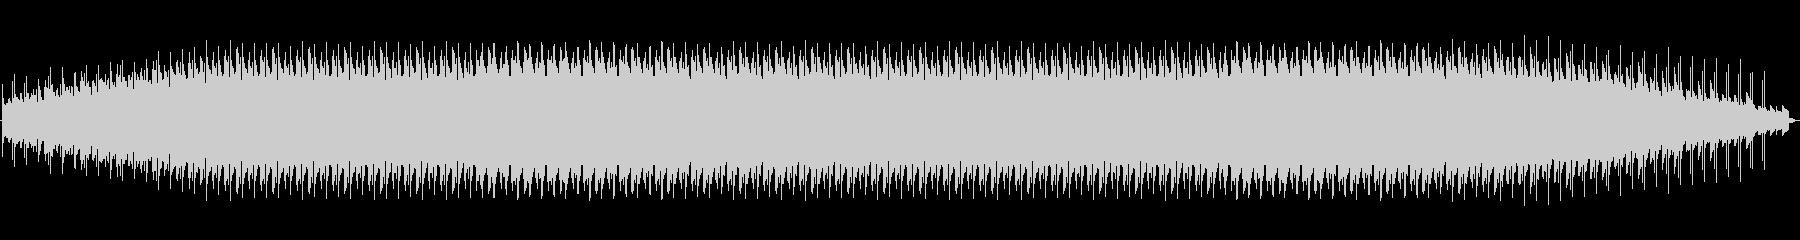 全音音階で無限に上昇する音楽の未再生の波形